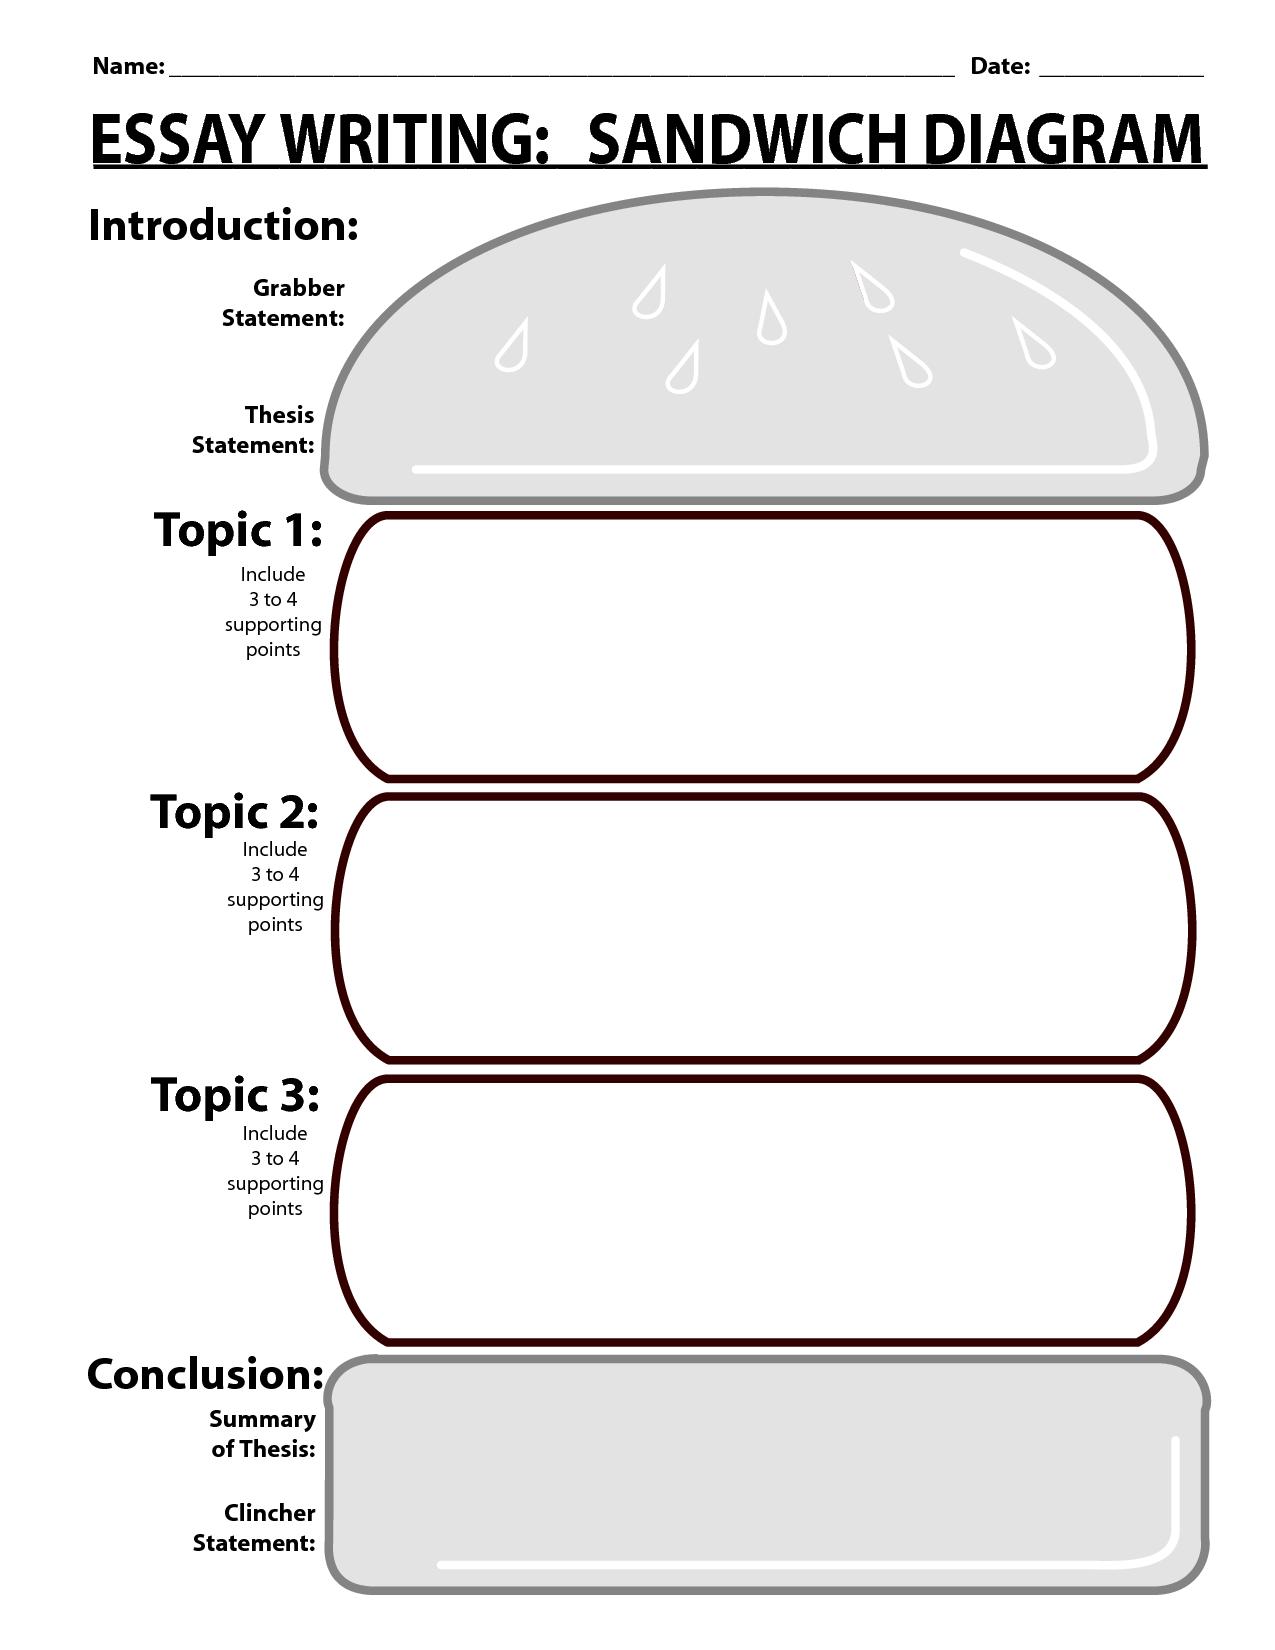 Writing Essay Writing Sandwich Diagram